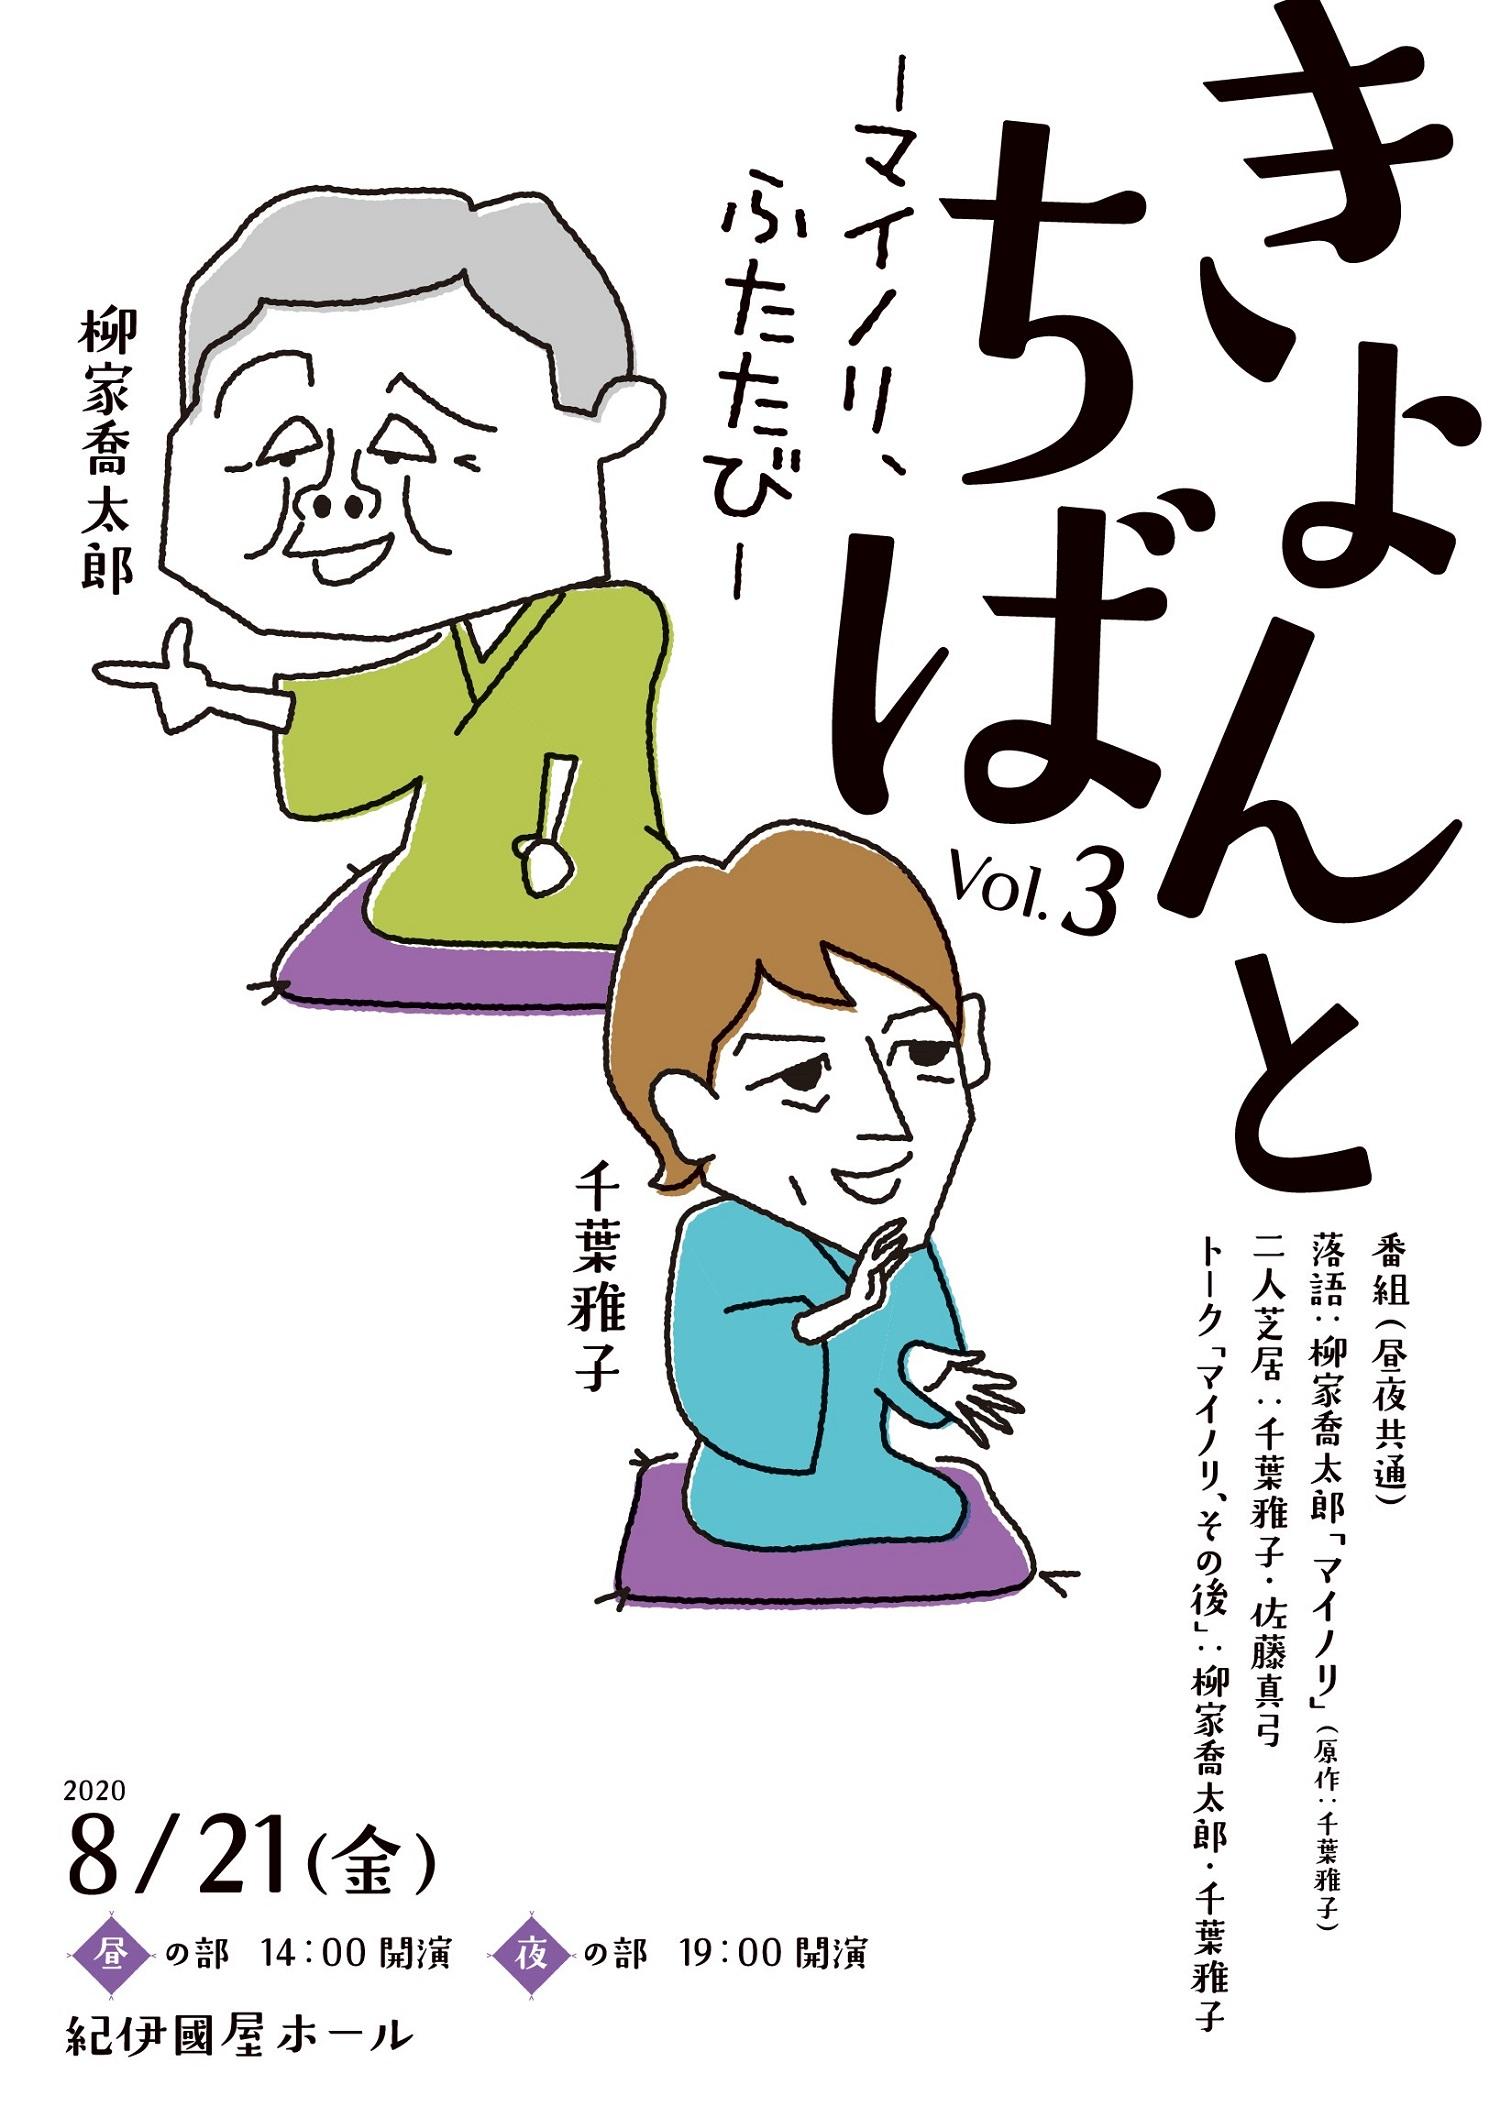 【紀伊國屋ホール】ニベル主催 きょんとちば Vol.3 ーマイノリ、ふたたびー